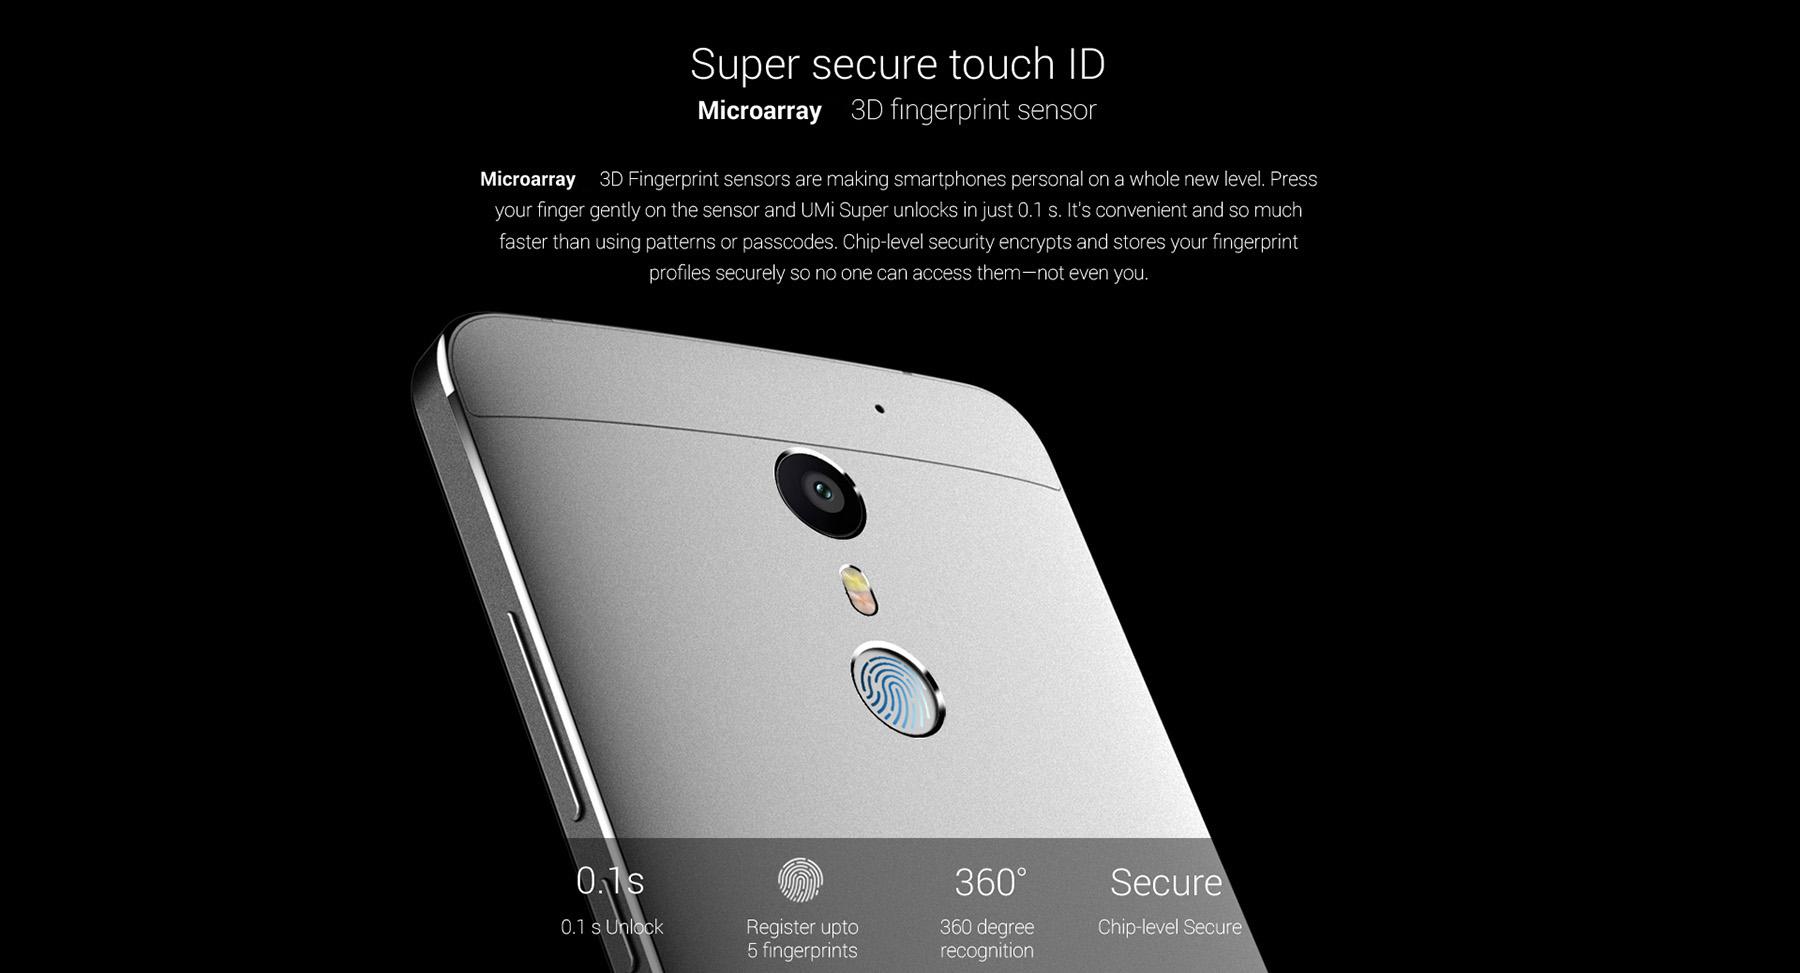 UMI Super , Touch ID, schnelle Erkennung Fingerabdruck, bester Preis UMI Super , Angebot, Aktionspreis, China Smartphones Test, Handy China